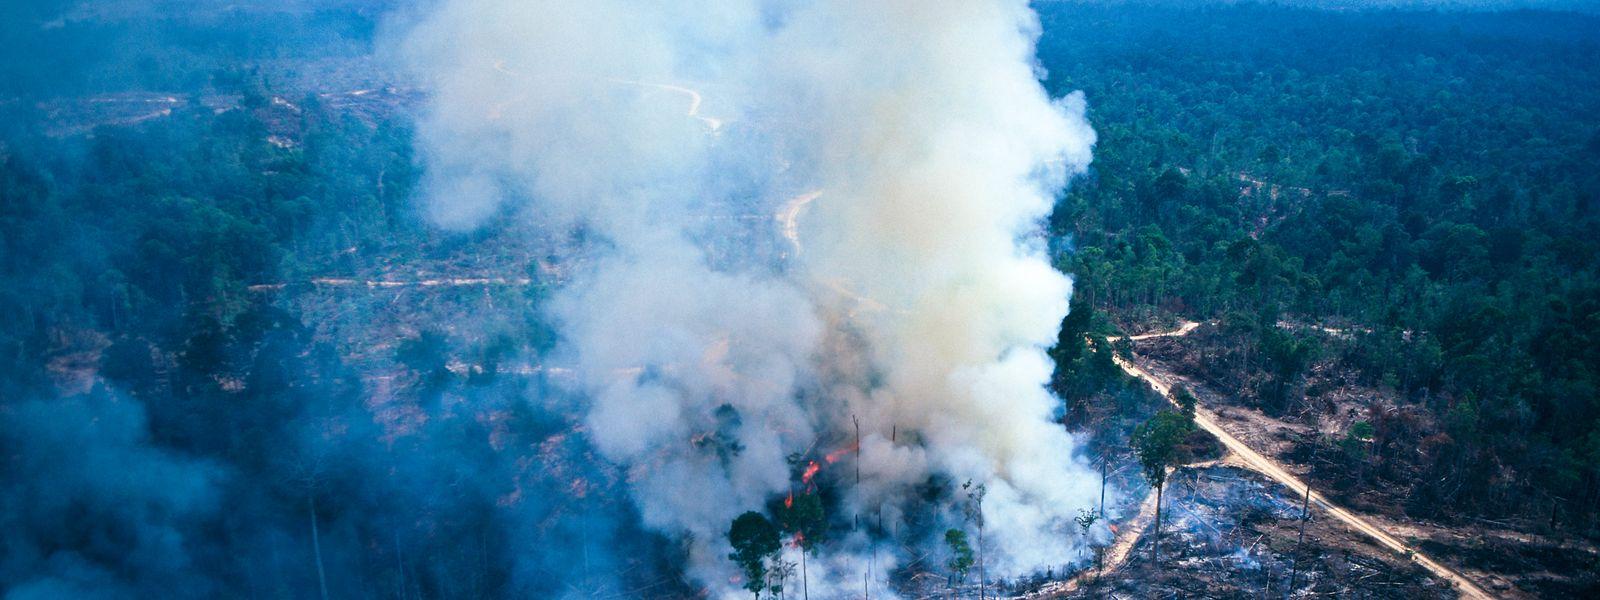 Allein im Juli wurden von INPE-Satelliten mehr als 6.800 Brandherde im Amazonas-Regenwald registriert.